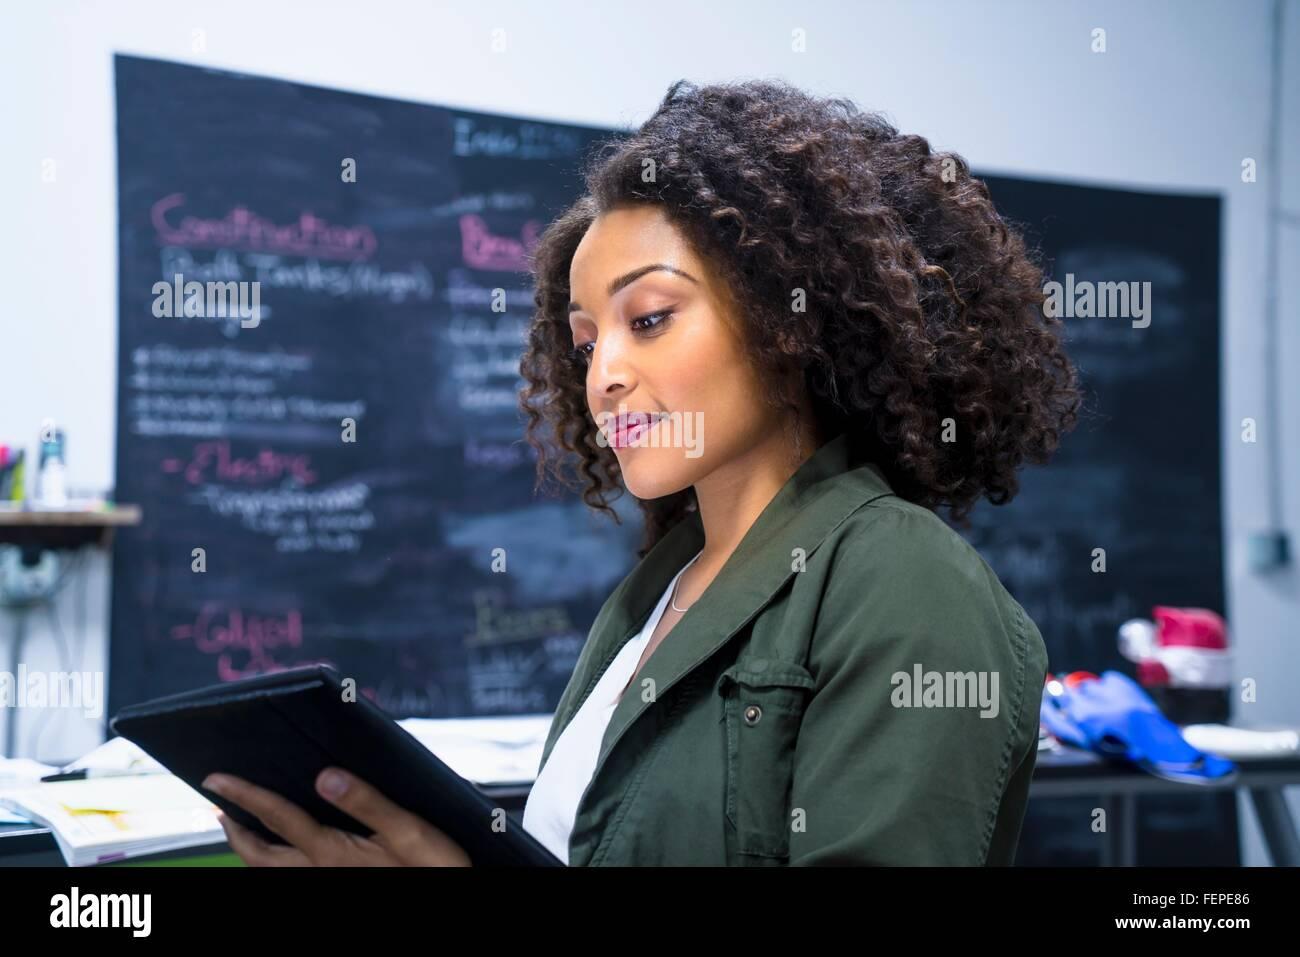 Seitenansicht der Mitte Erwachsene Frau Arbeitsplatz Blick auf digital-Tablette Stockbild